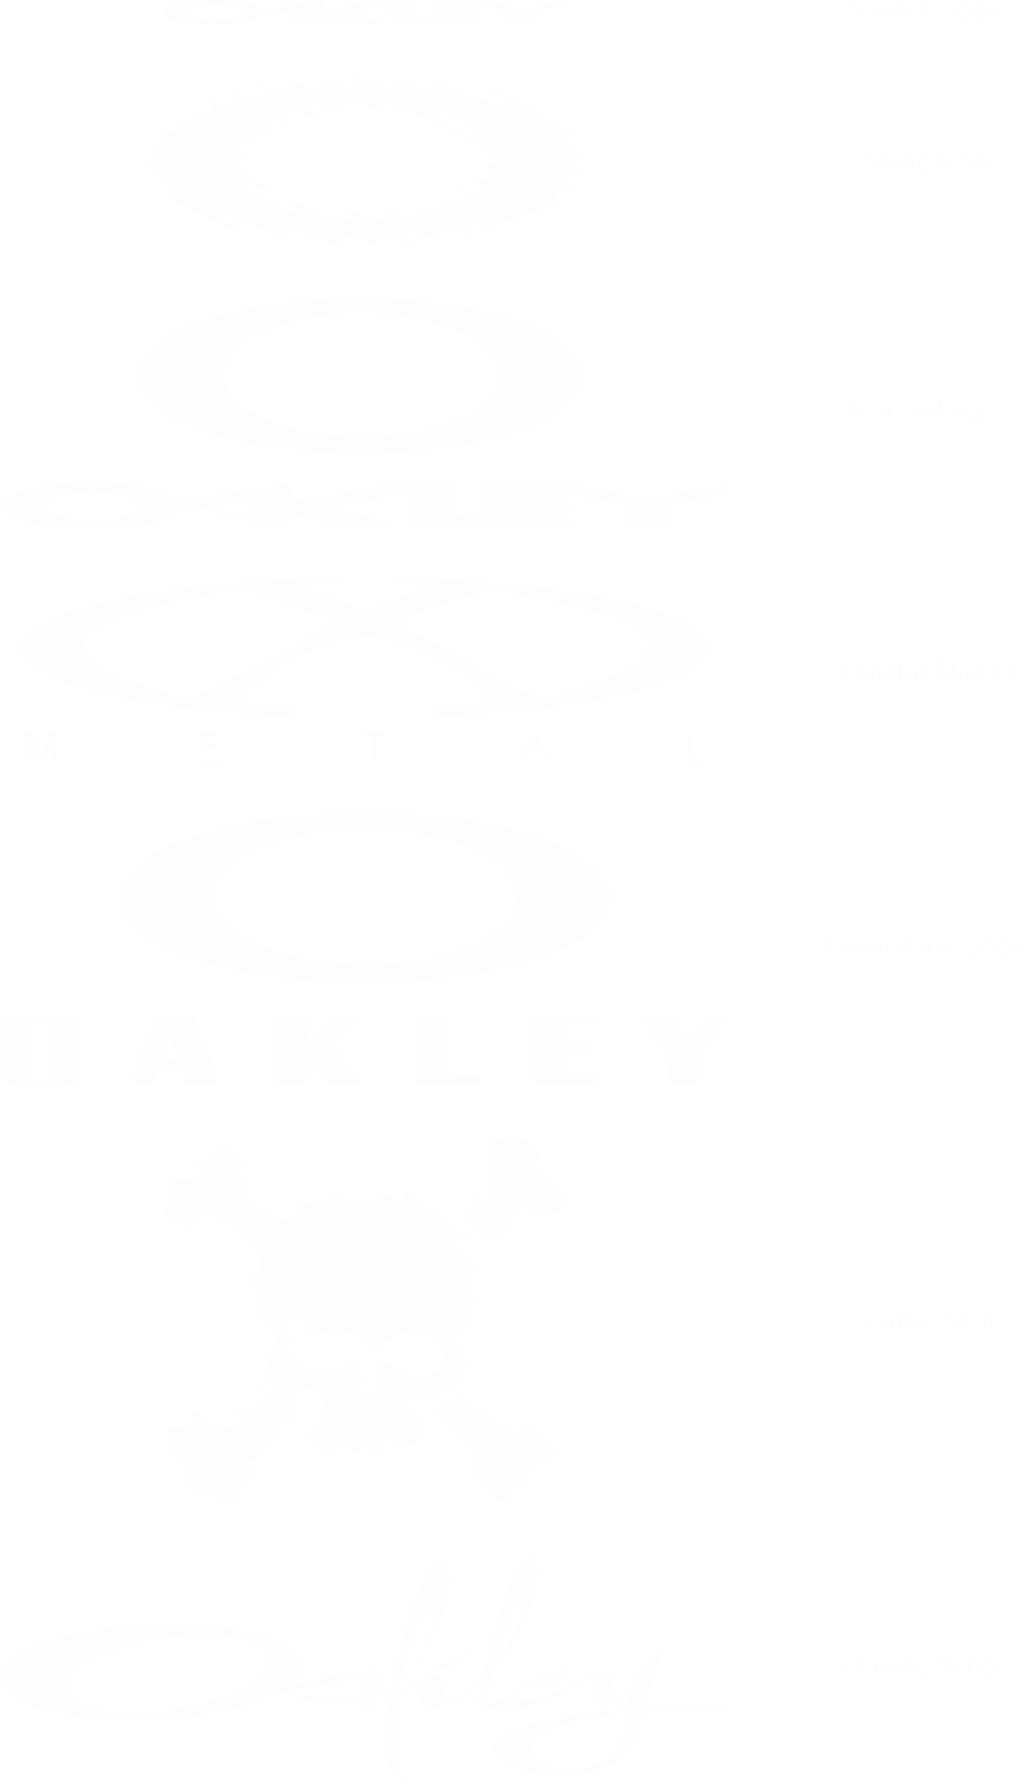 oakley skull and crossbones